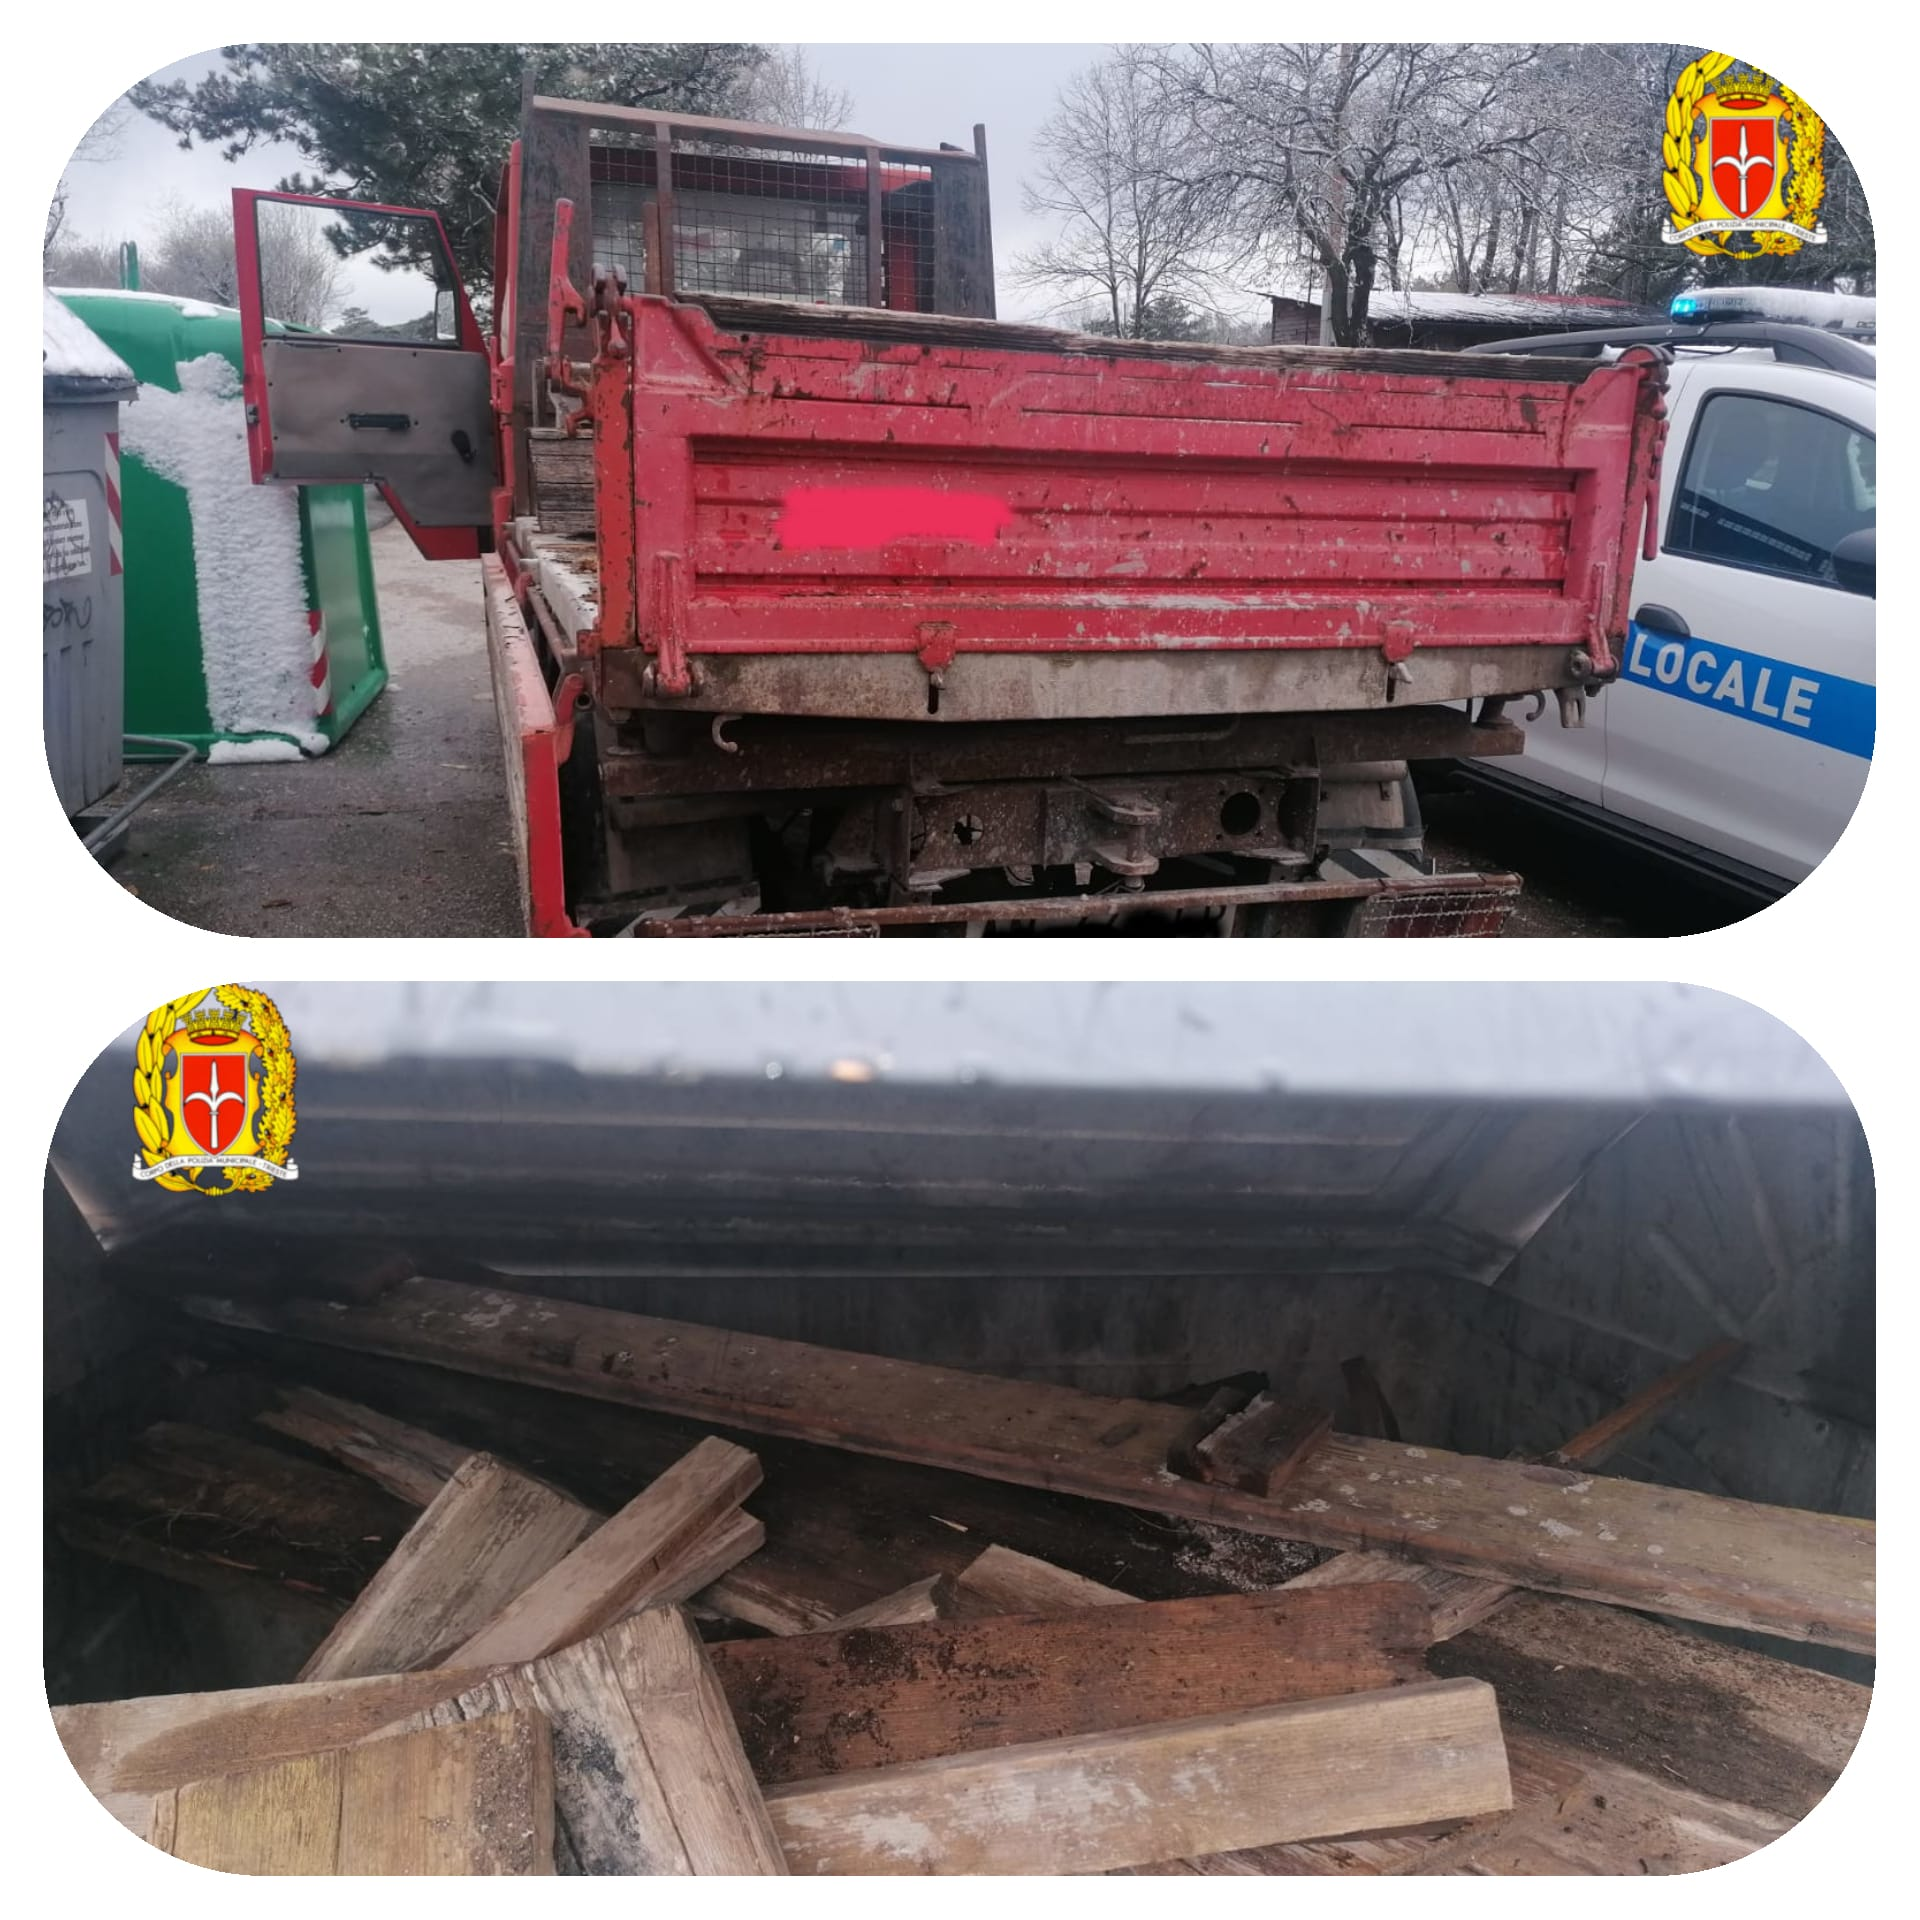 Deposita travi di legno: multato dalla PL